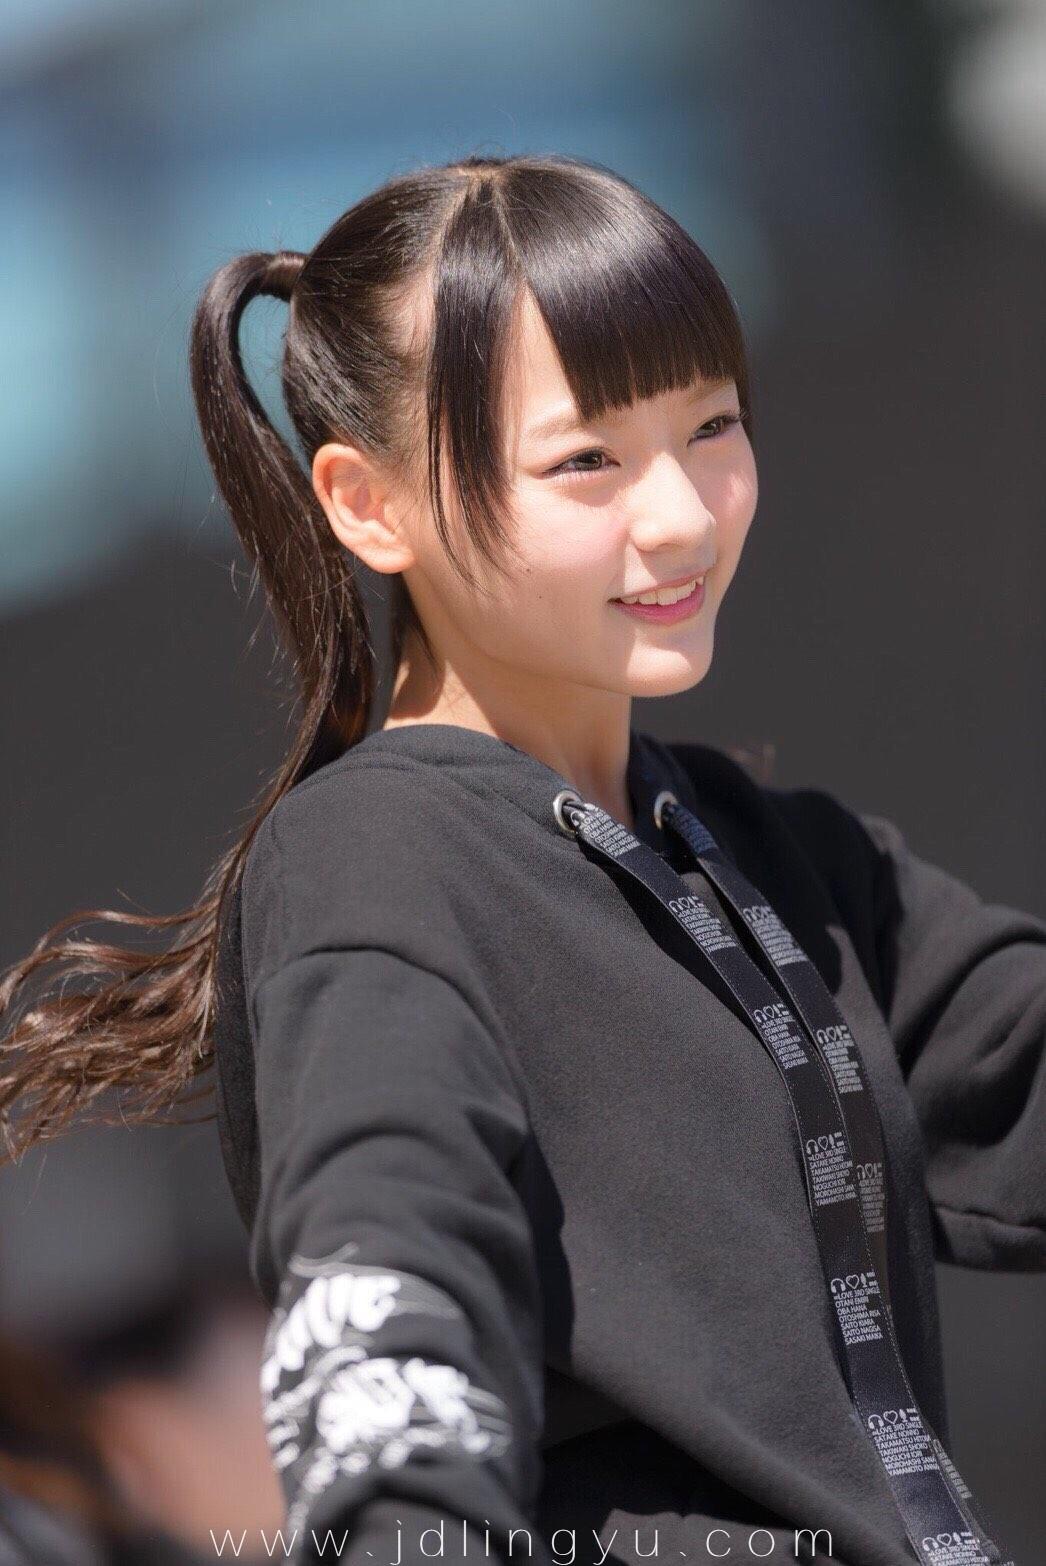 日本十四岁妹子齐藤渚,获新千年一遇美少女称女生初二脱内衣图片